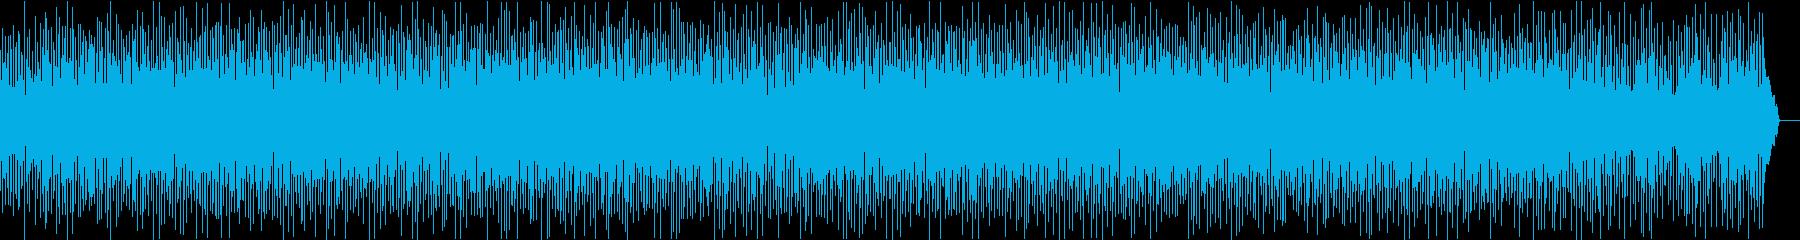 ほのぼの散歩したくなる音楽の再生済みの波形